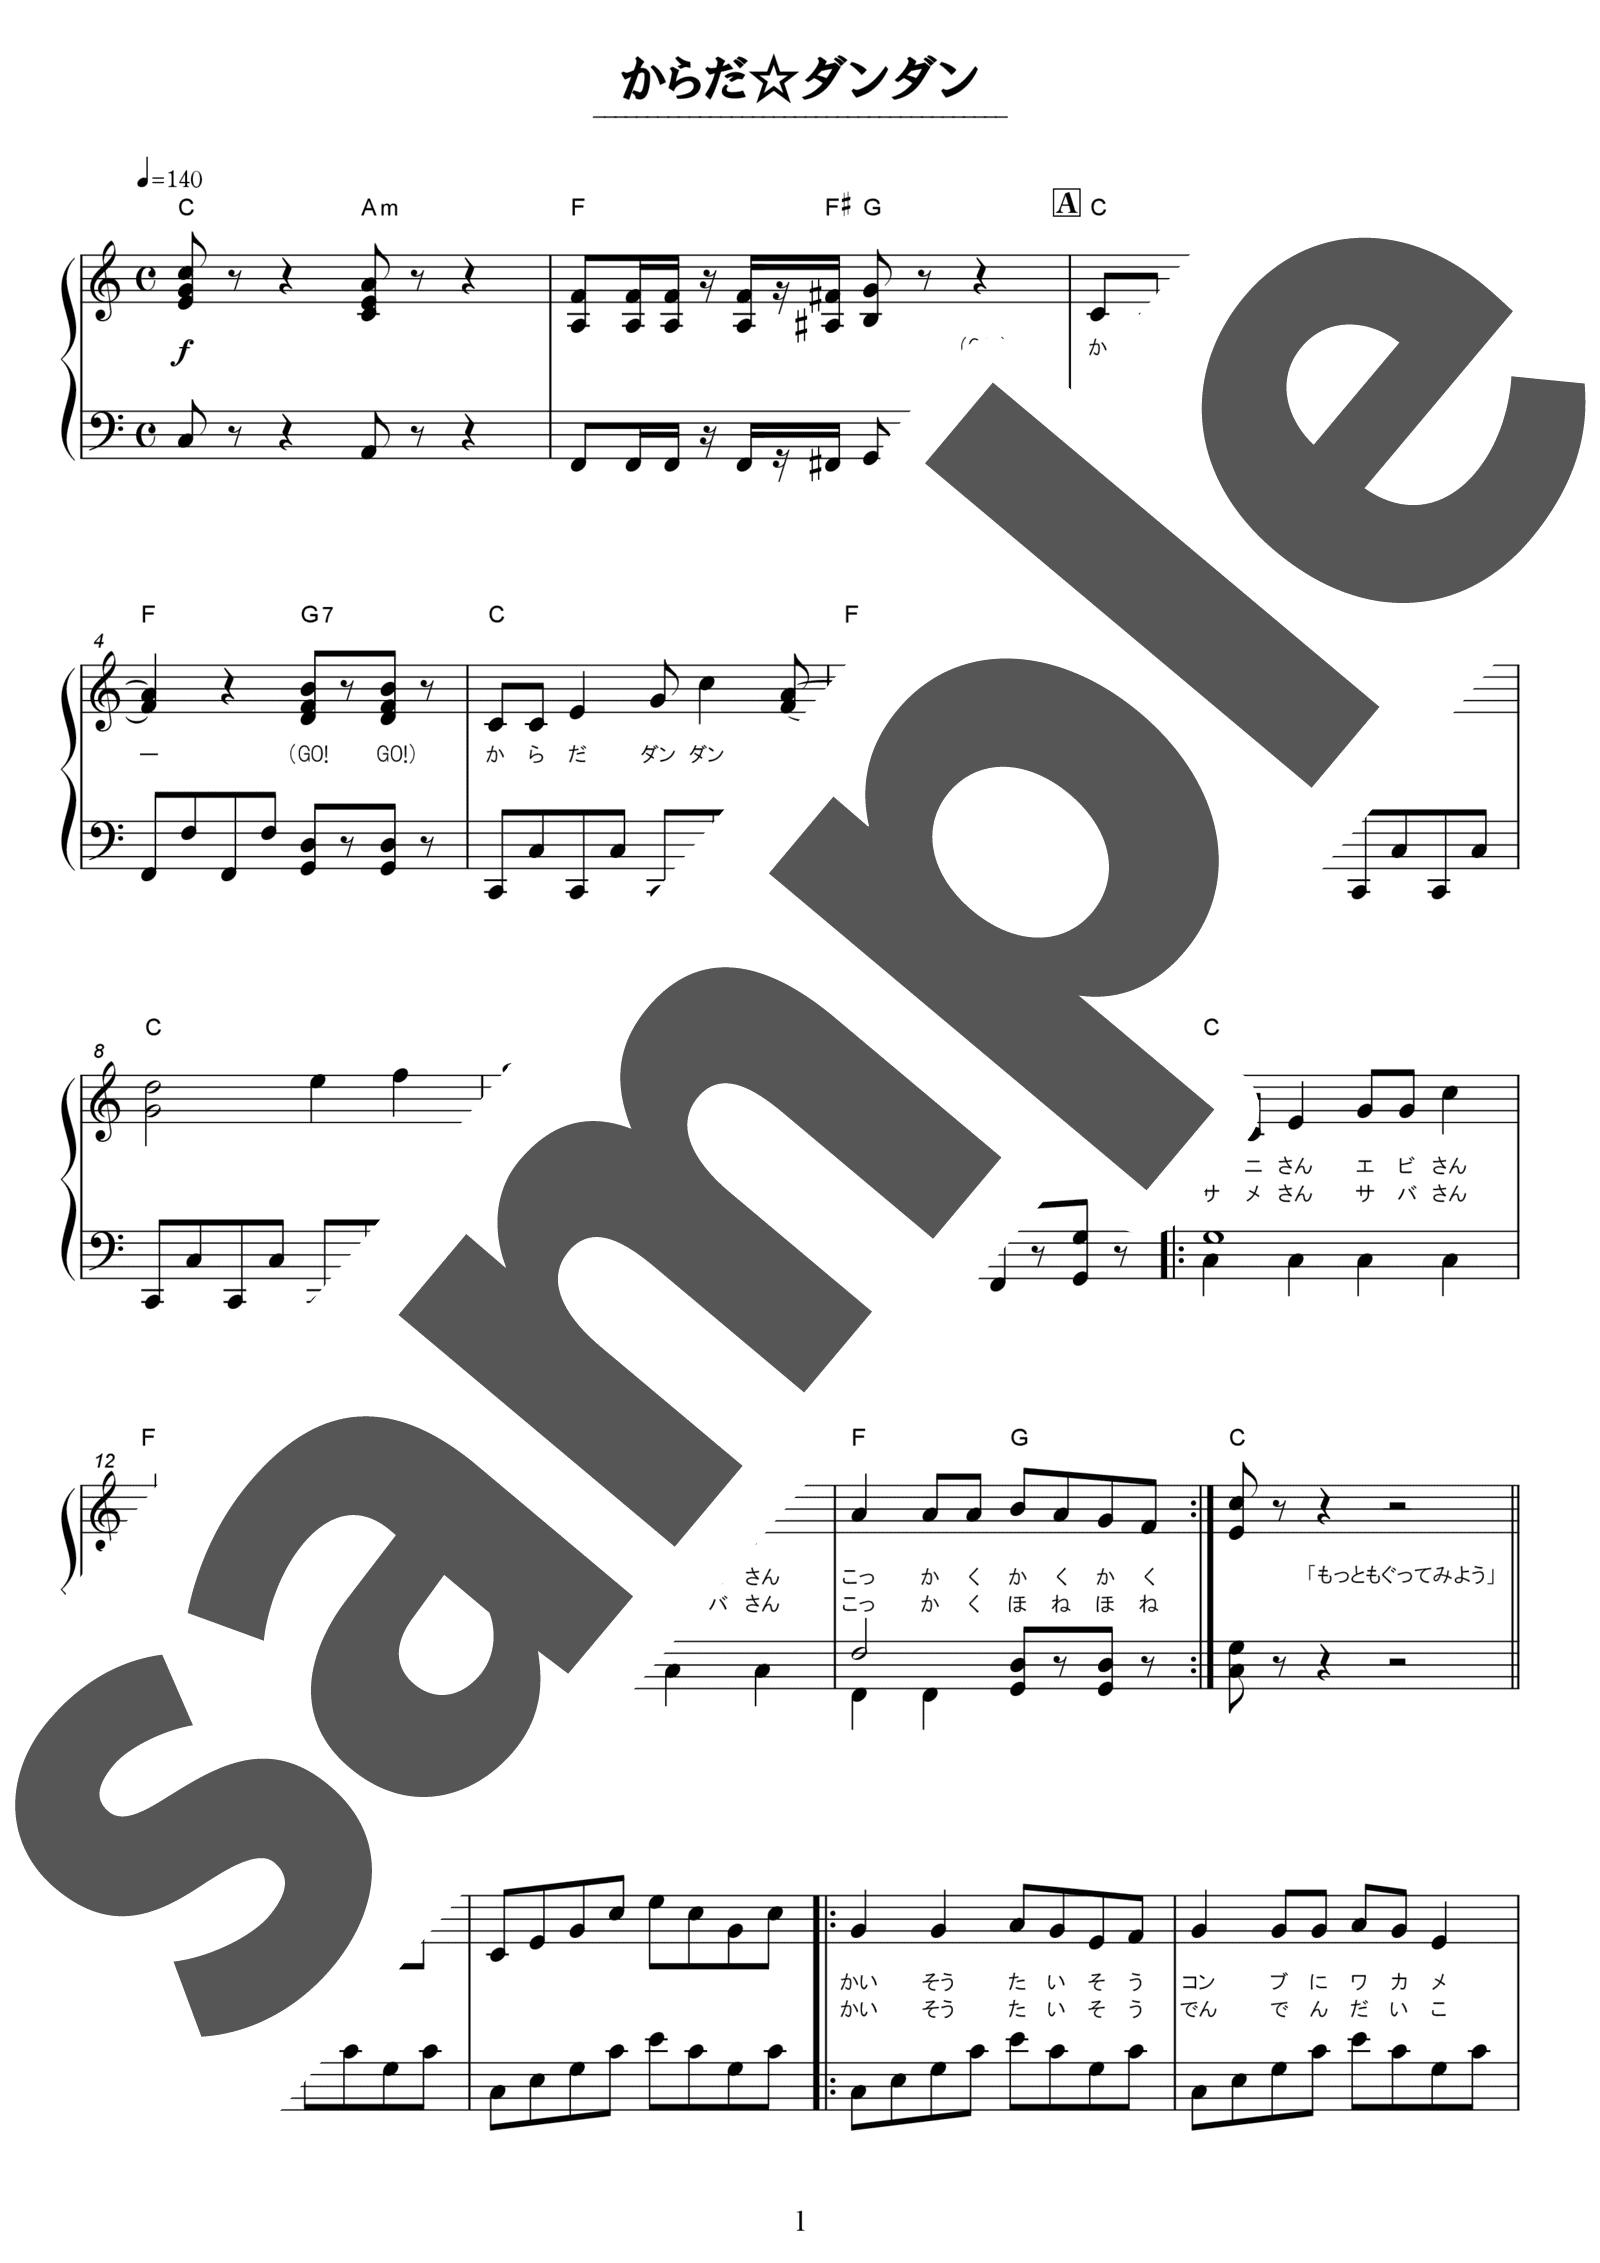 「からだ☆ダンダン」のサンプル楽譜